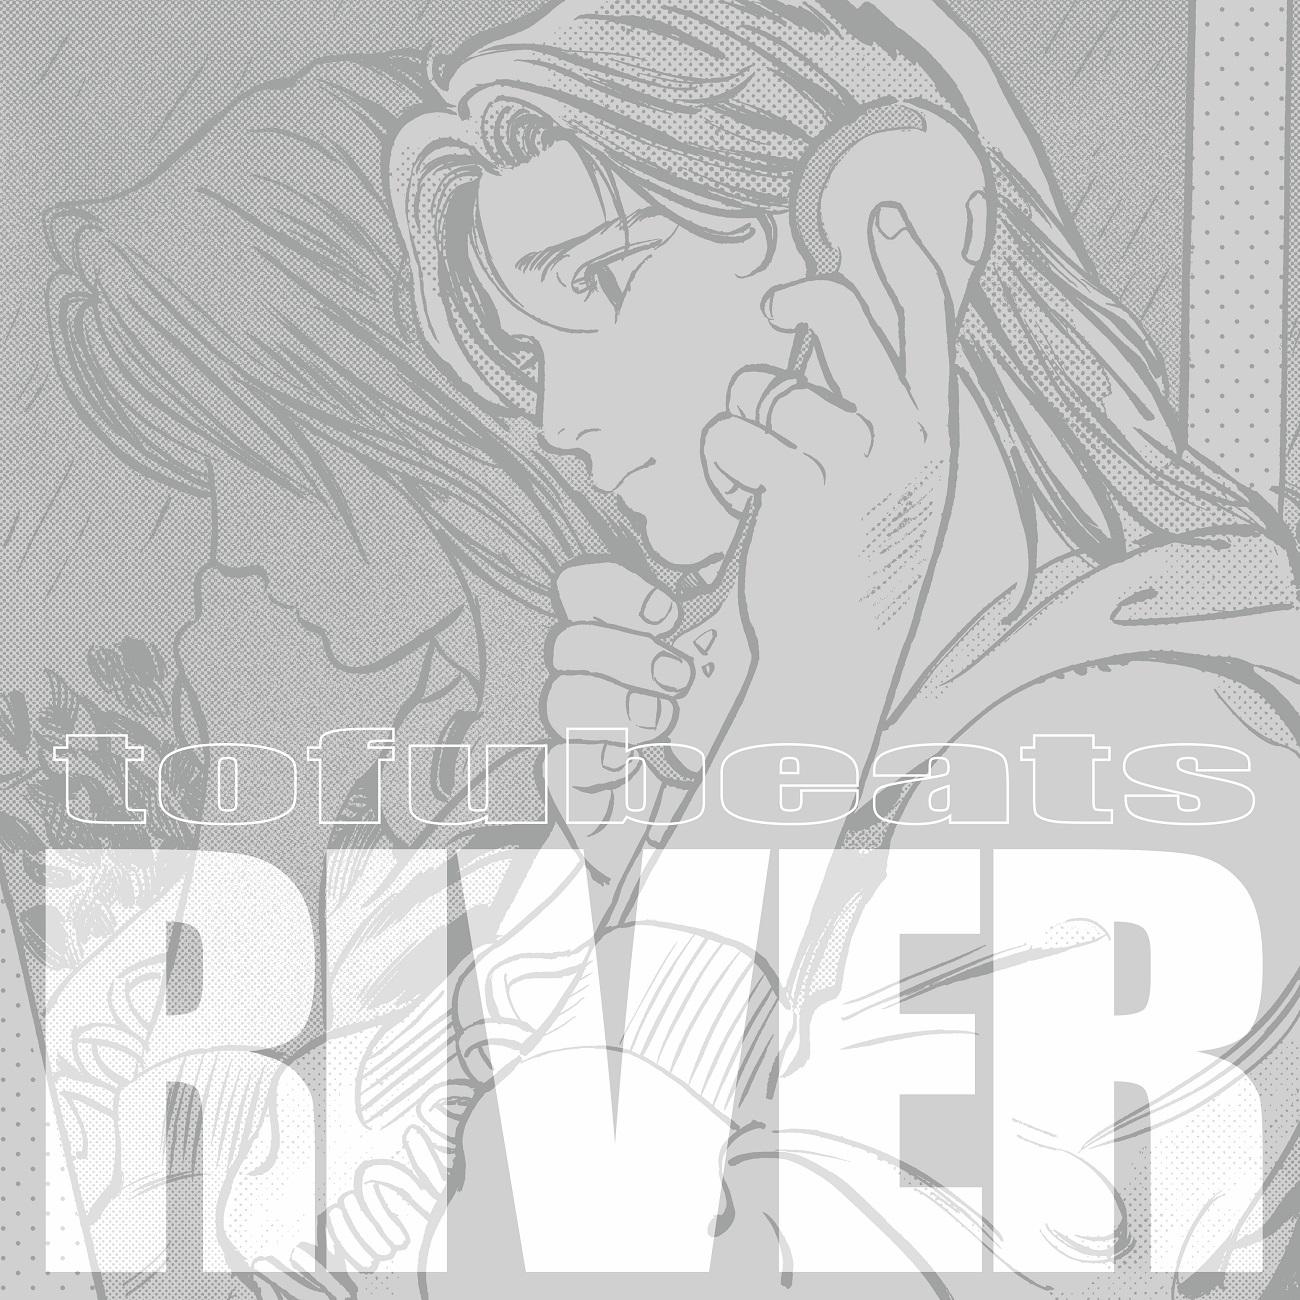 「RIVER」ジャケット写真